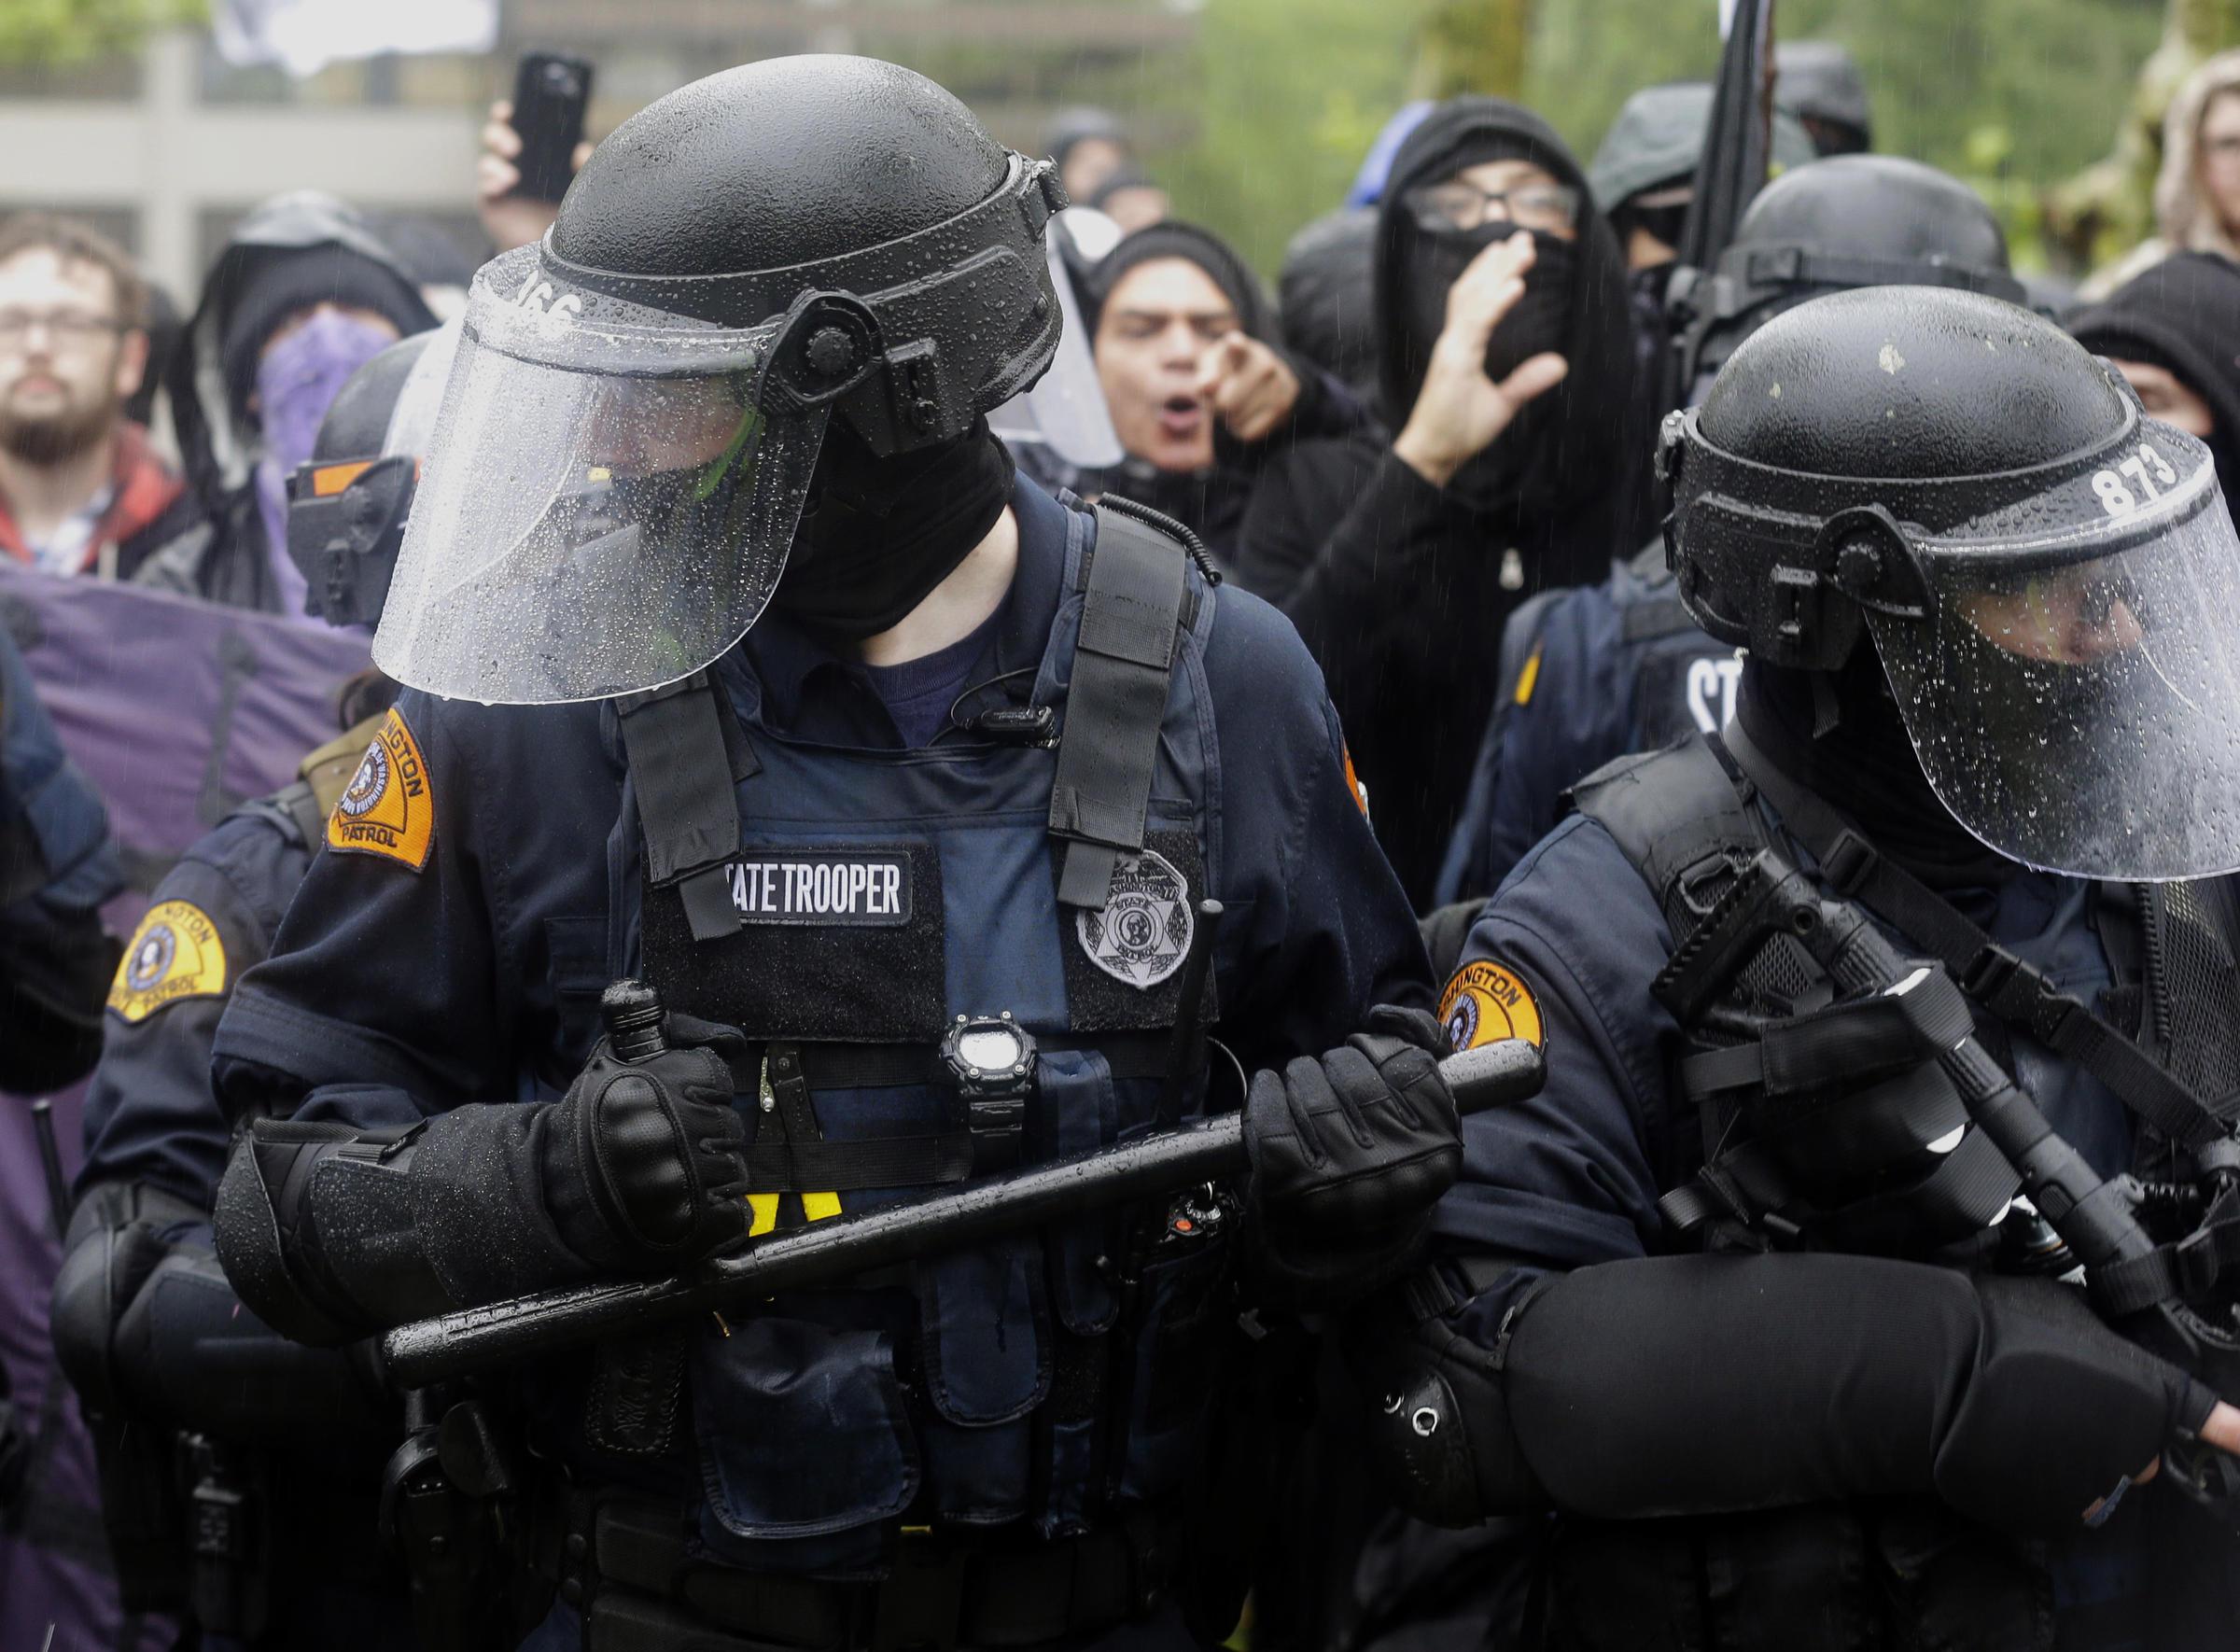 College Republicans sue UW over 'draconian' security fee